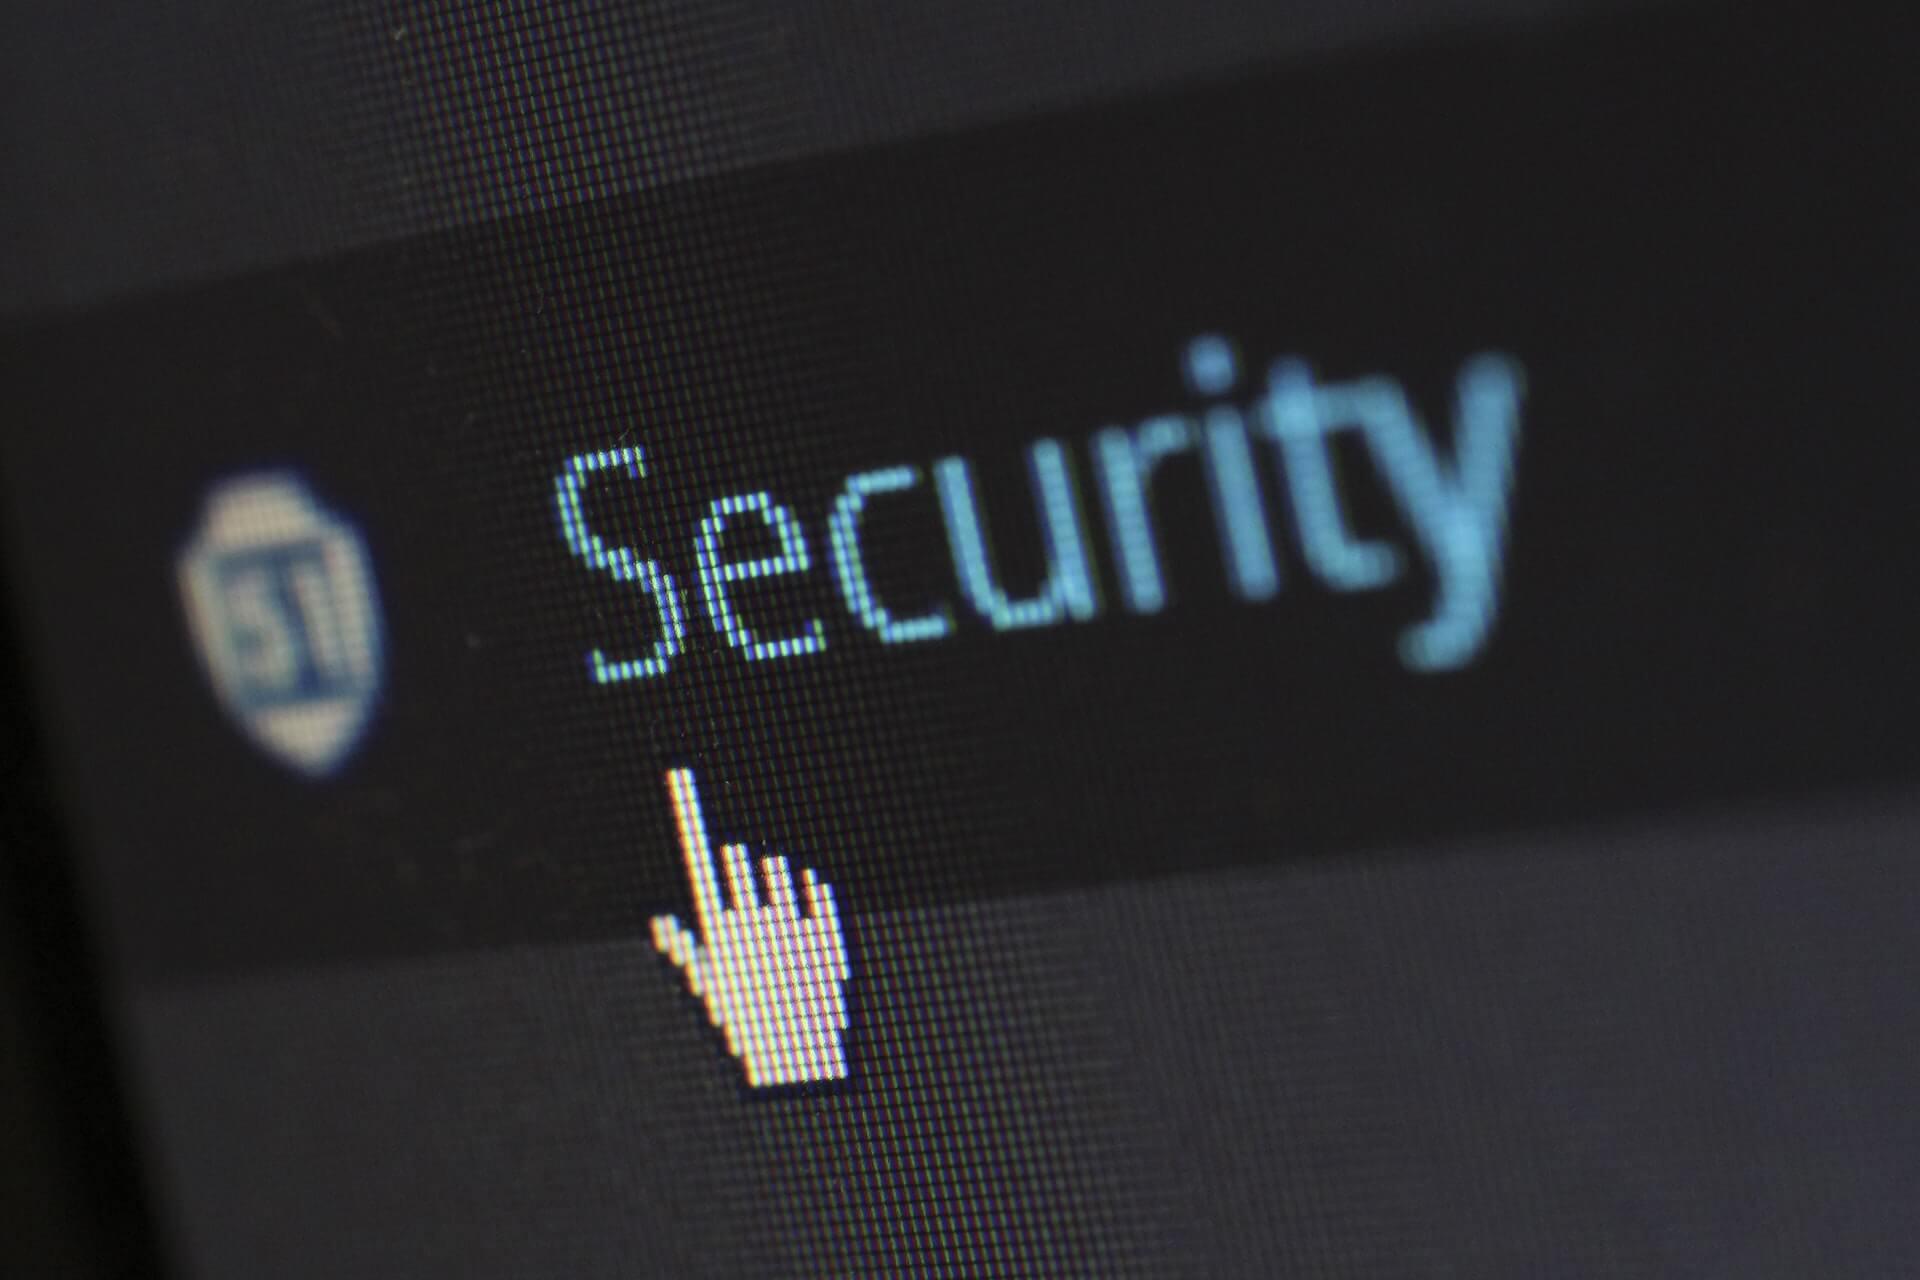 Elektronisk faktura – større risiko for å bli svindlet?